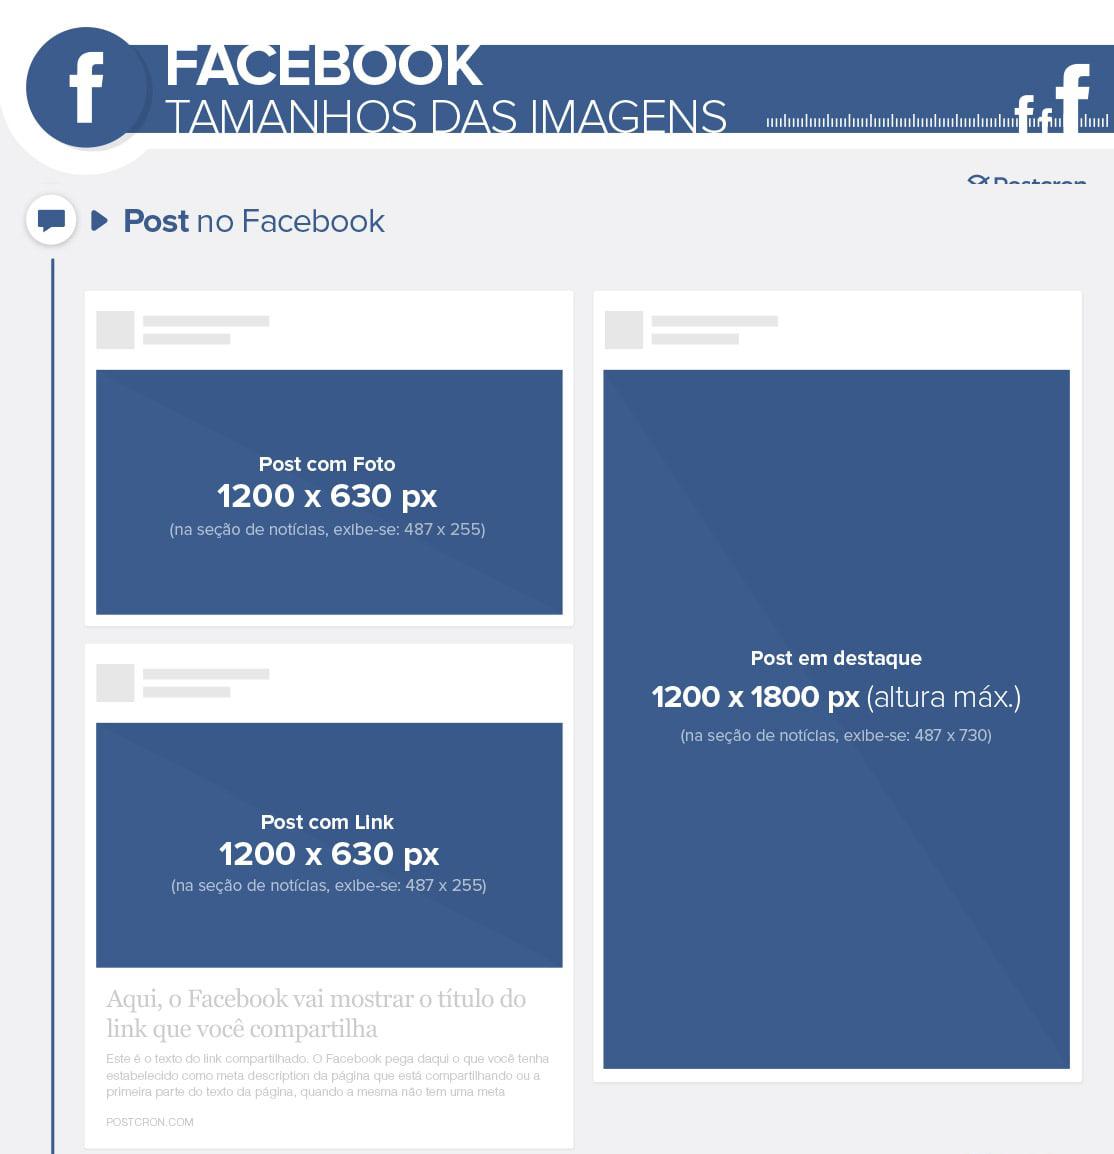 Medidas-das-imagens-de-Post-no-Facebook